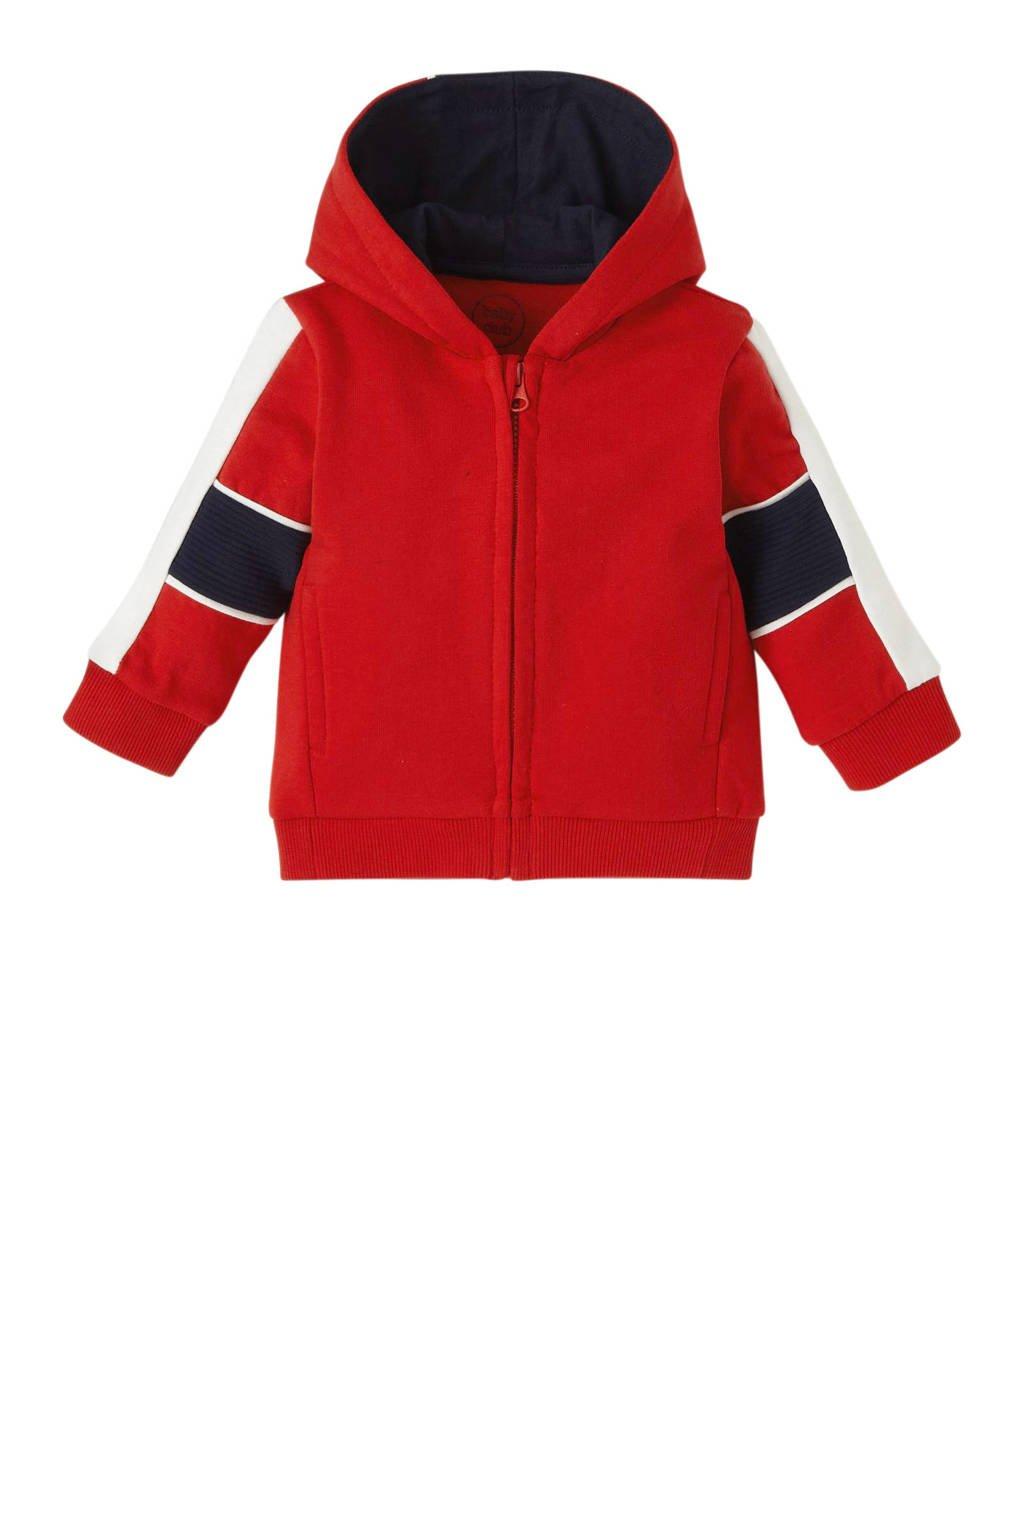 C&A Baby Club vest van biologisch katoen rood/wit/donkerblauw, Rood/wit/donkerblauw